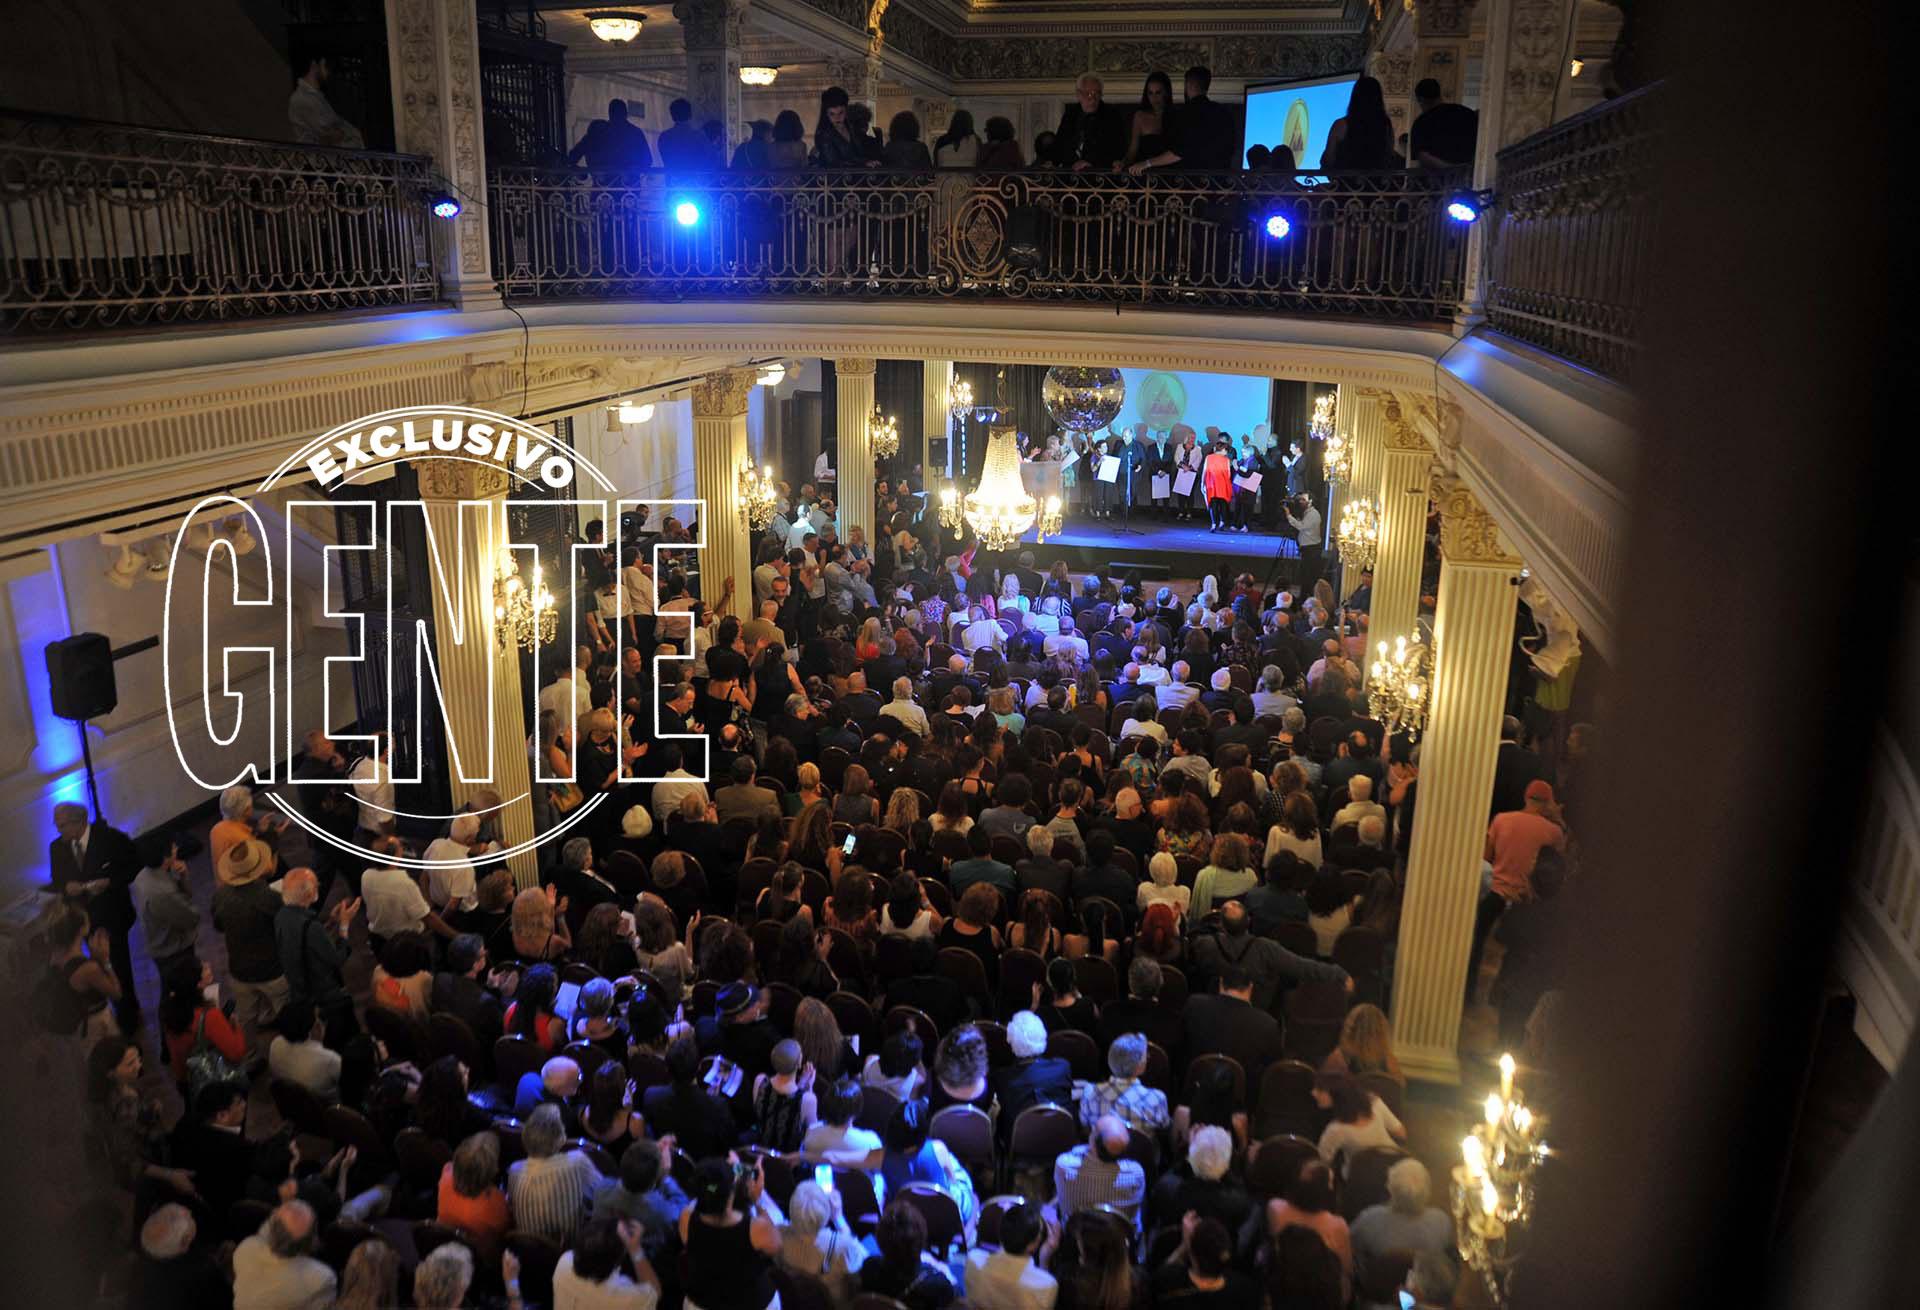 Hubo una gran cantidad de artistas que celebraron a una de las más antiguas entidades de nuestro país. Foto: Enrique García Medina/GENTE